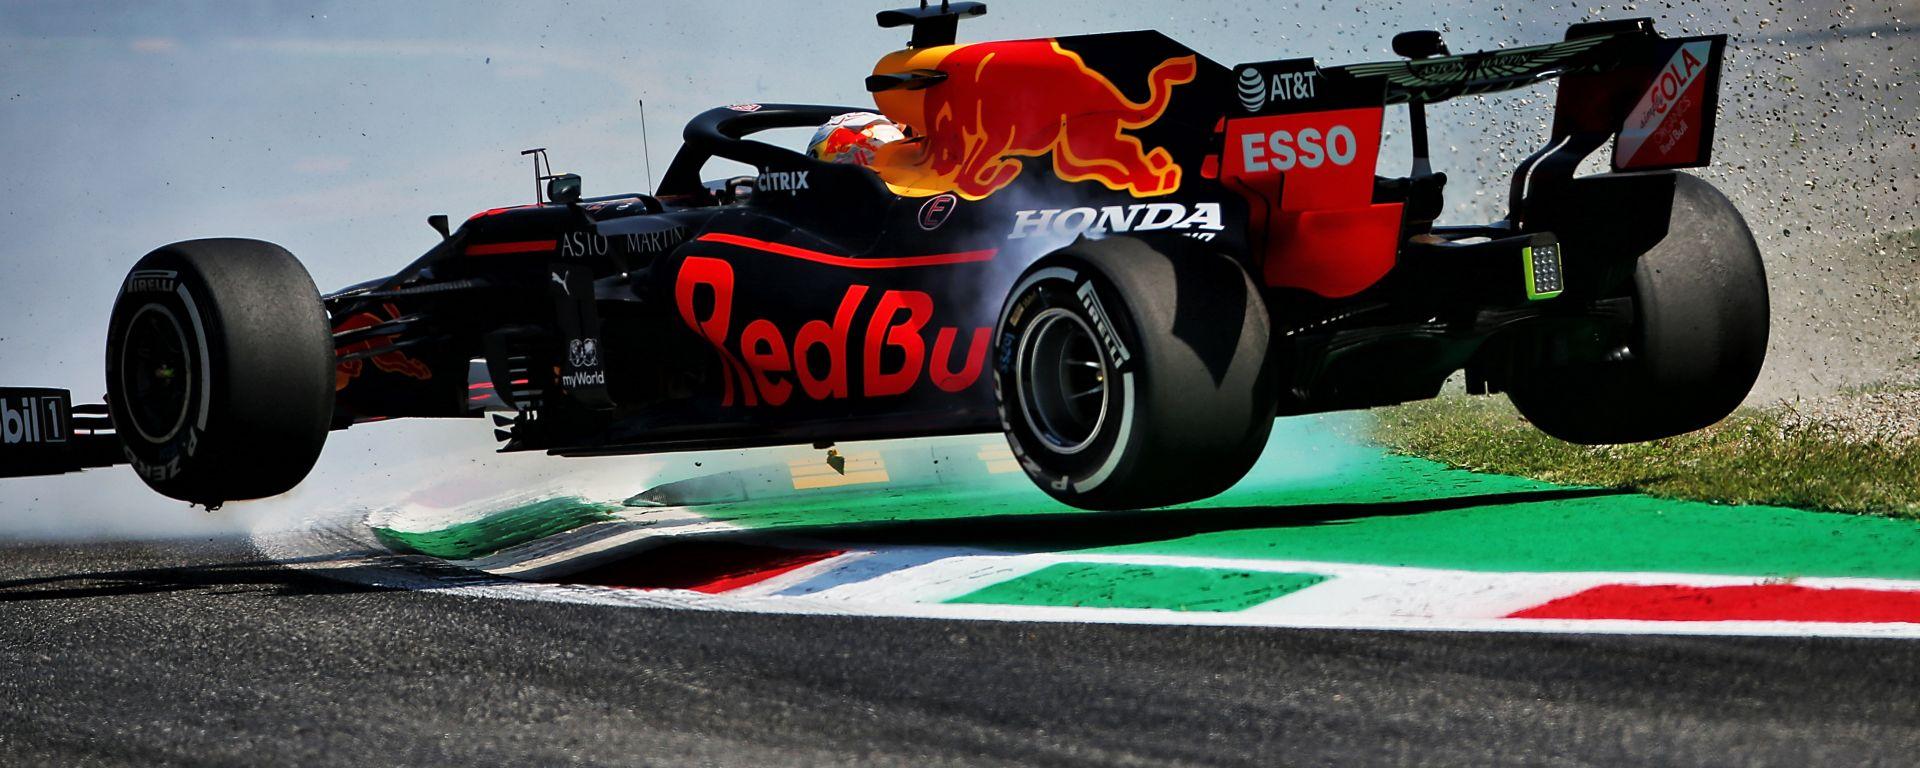 F1 GP Italia 2020, Monza: Max Verstappen (Red Bull Racing) finisce a muro alla Variante Ascari